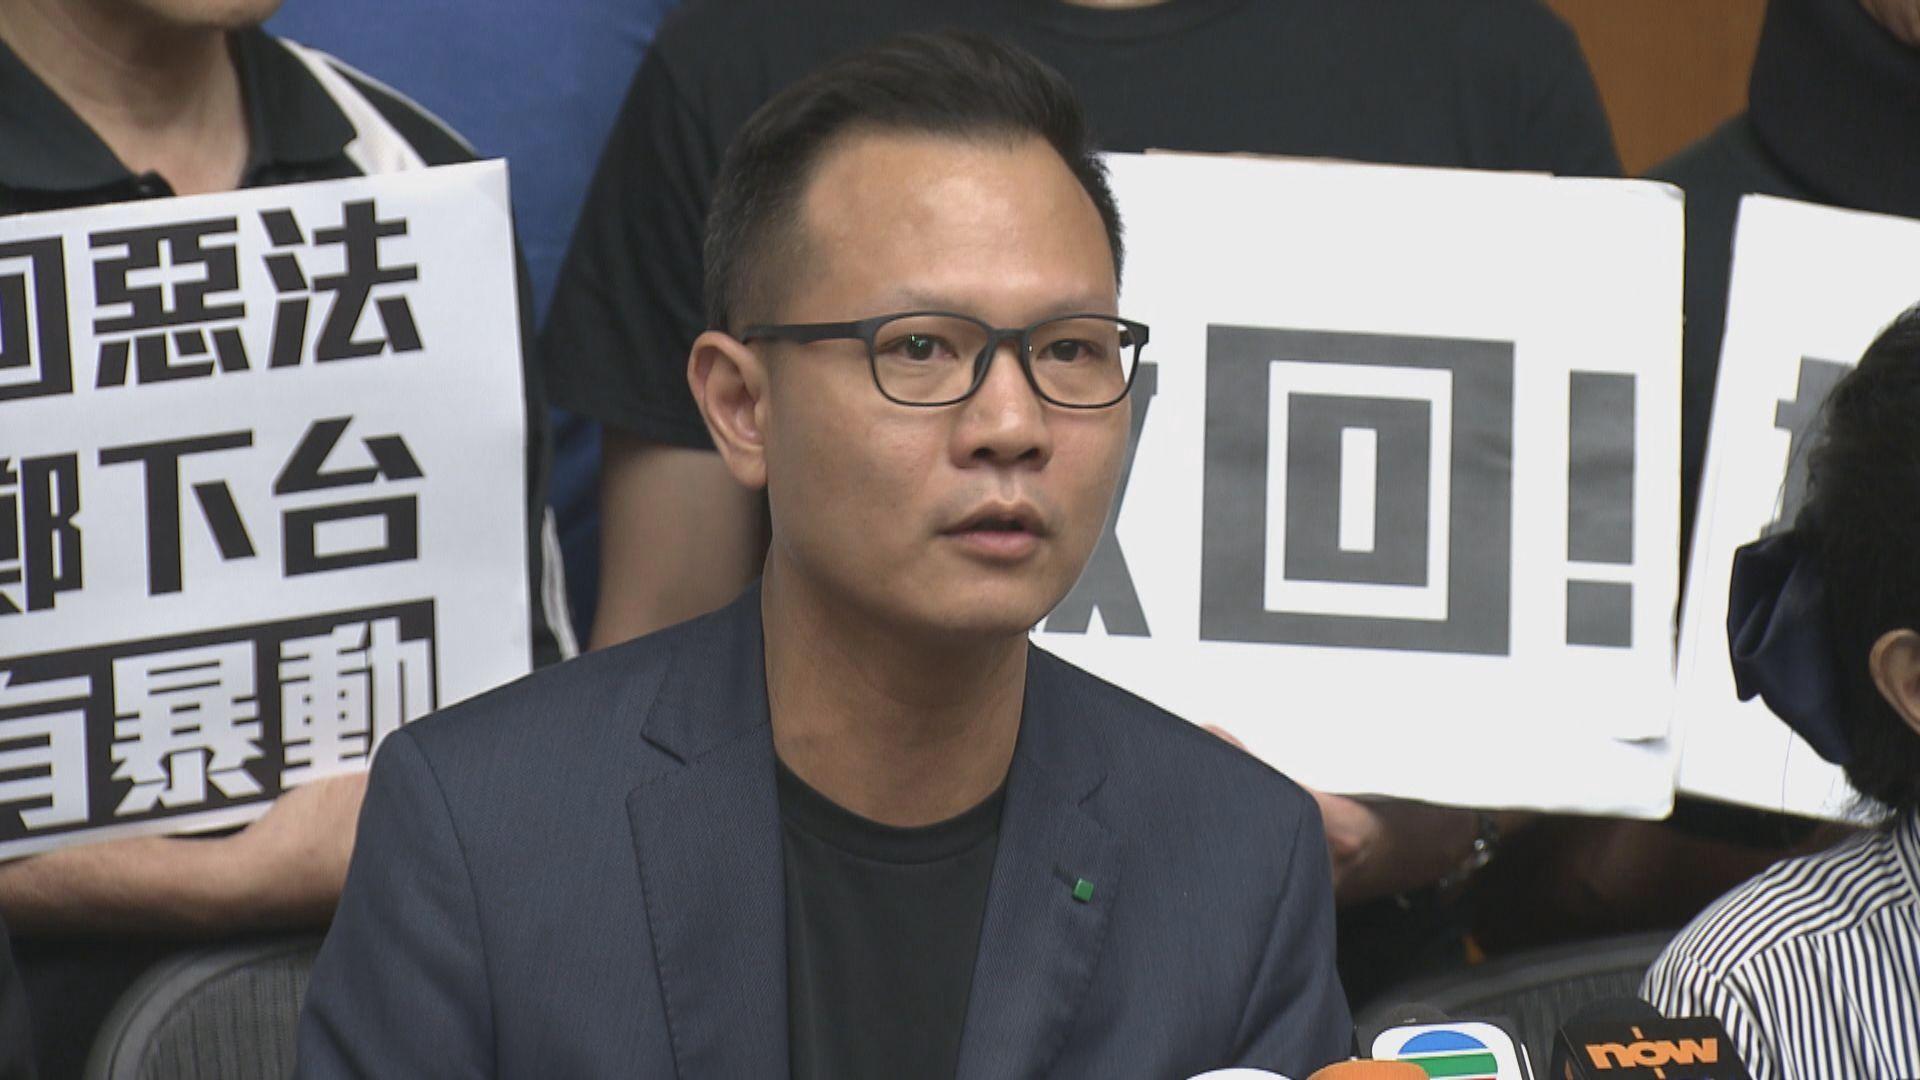 民主派議員批評林鄭死不認錯